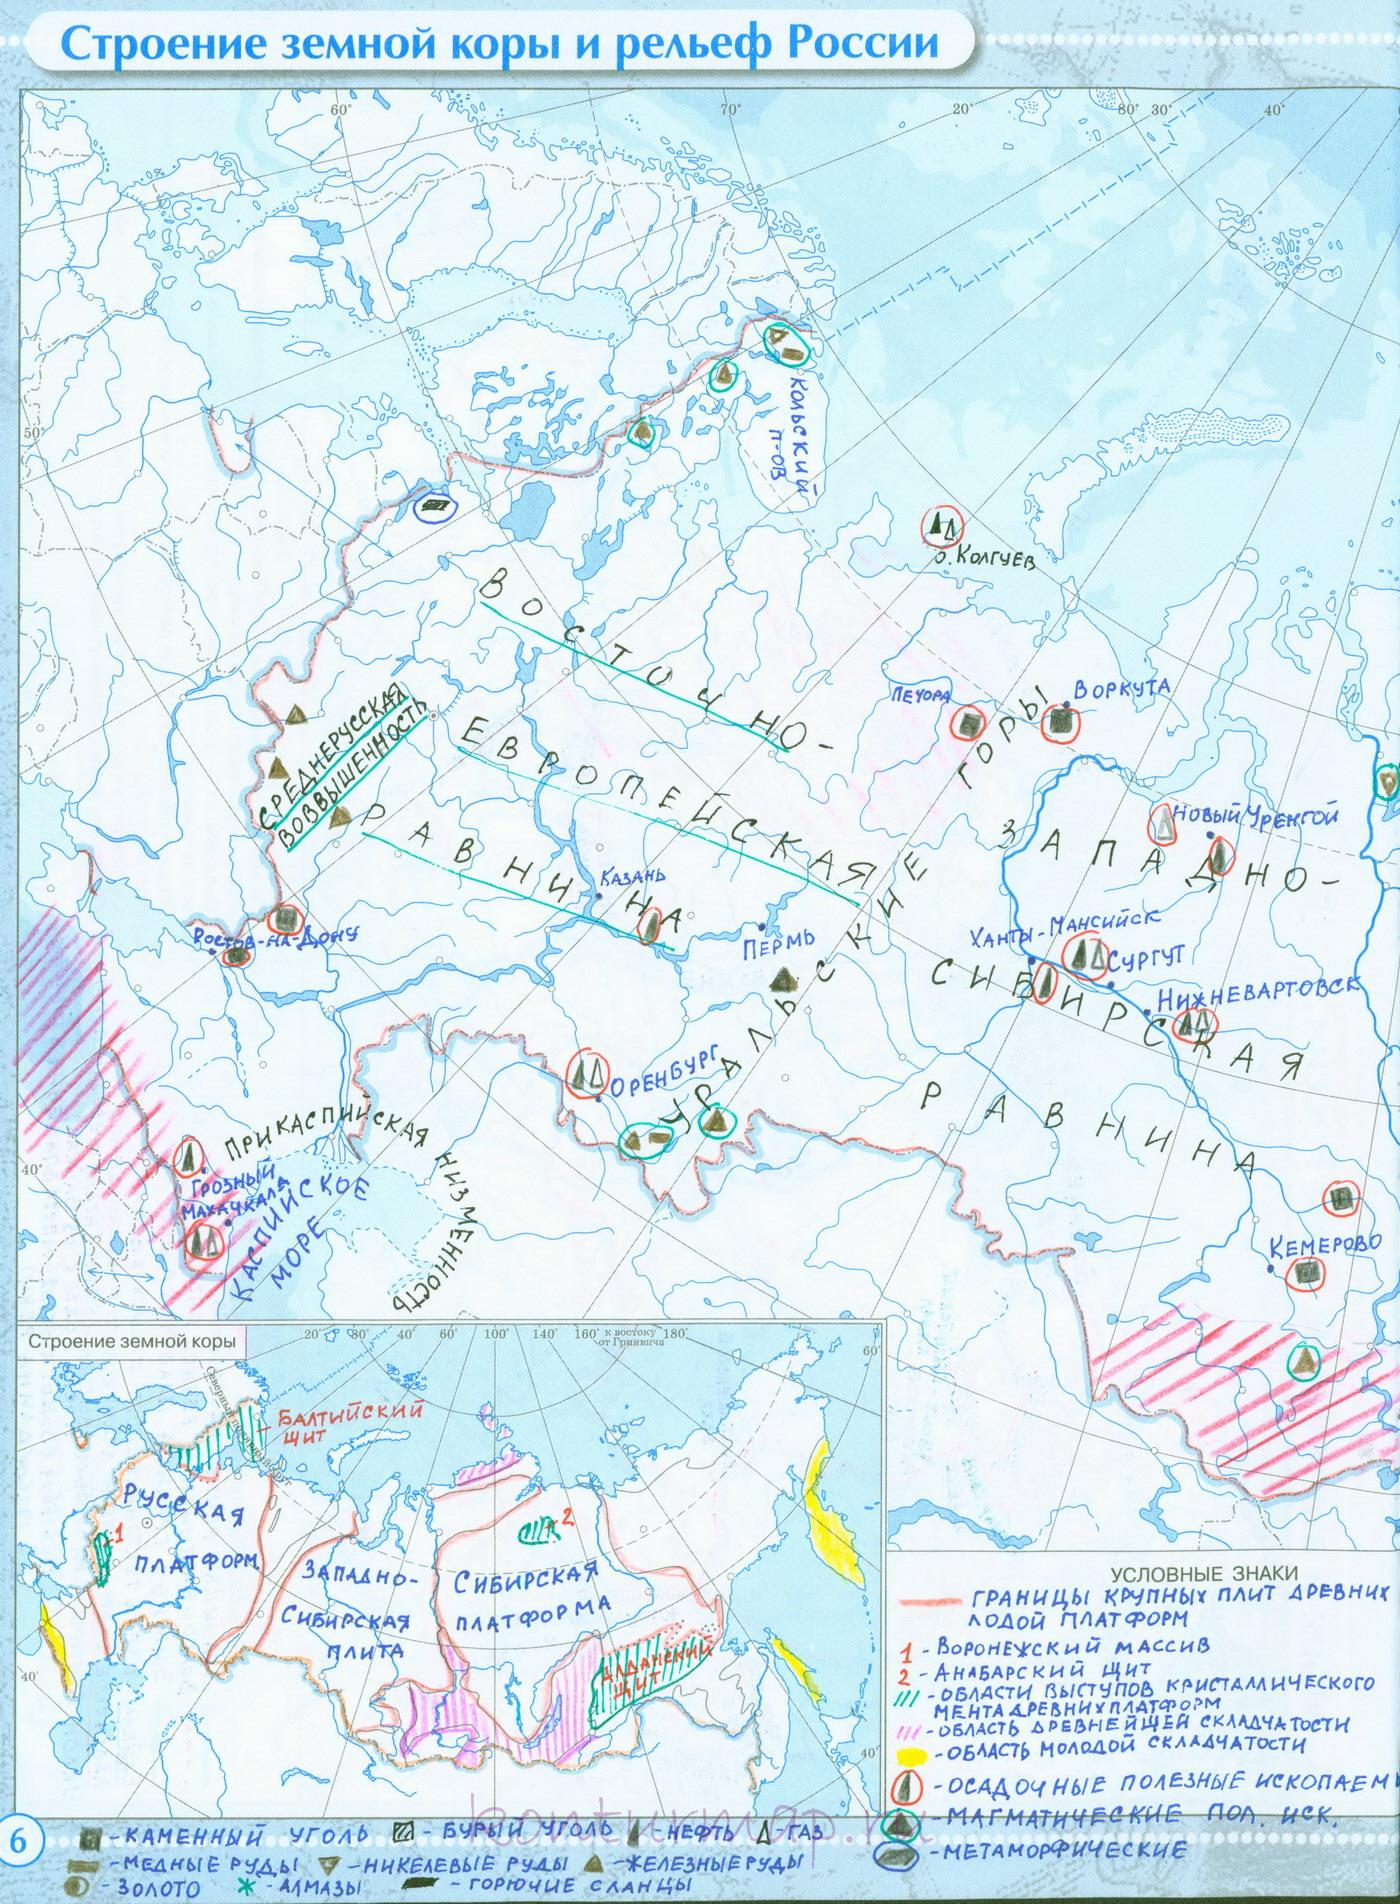 Гдз по контурным картам география вулканы